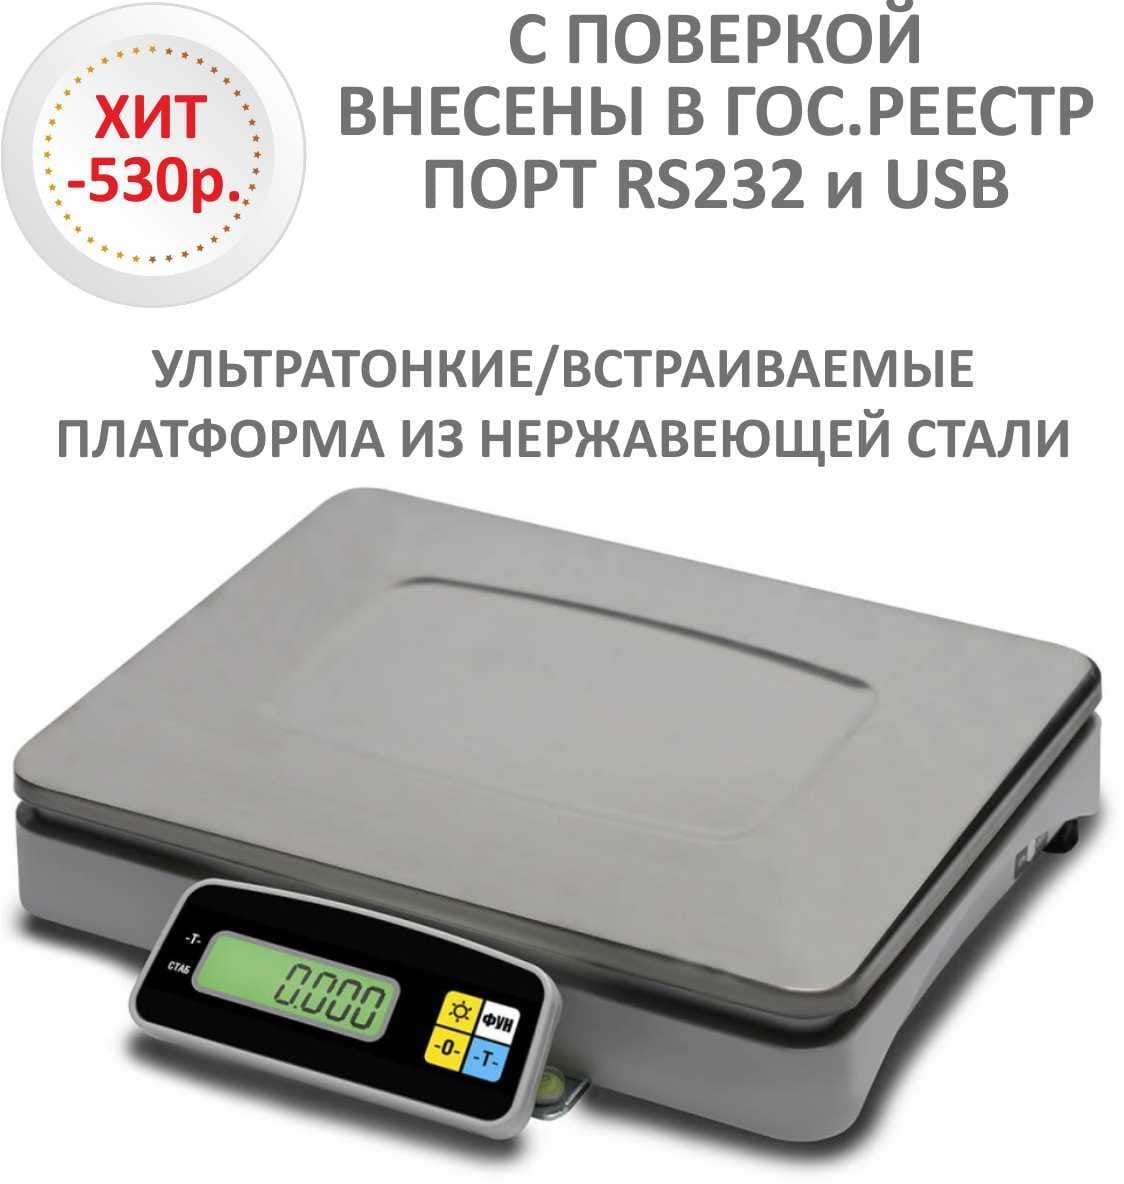 Весы торговые настольные M-ER 222 F-15.2/32.5 Connect LCD RS232 USB - вид спереди